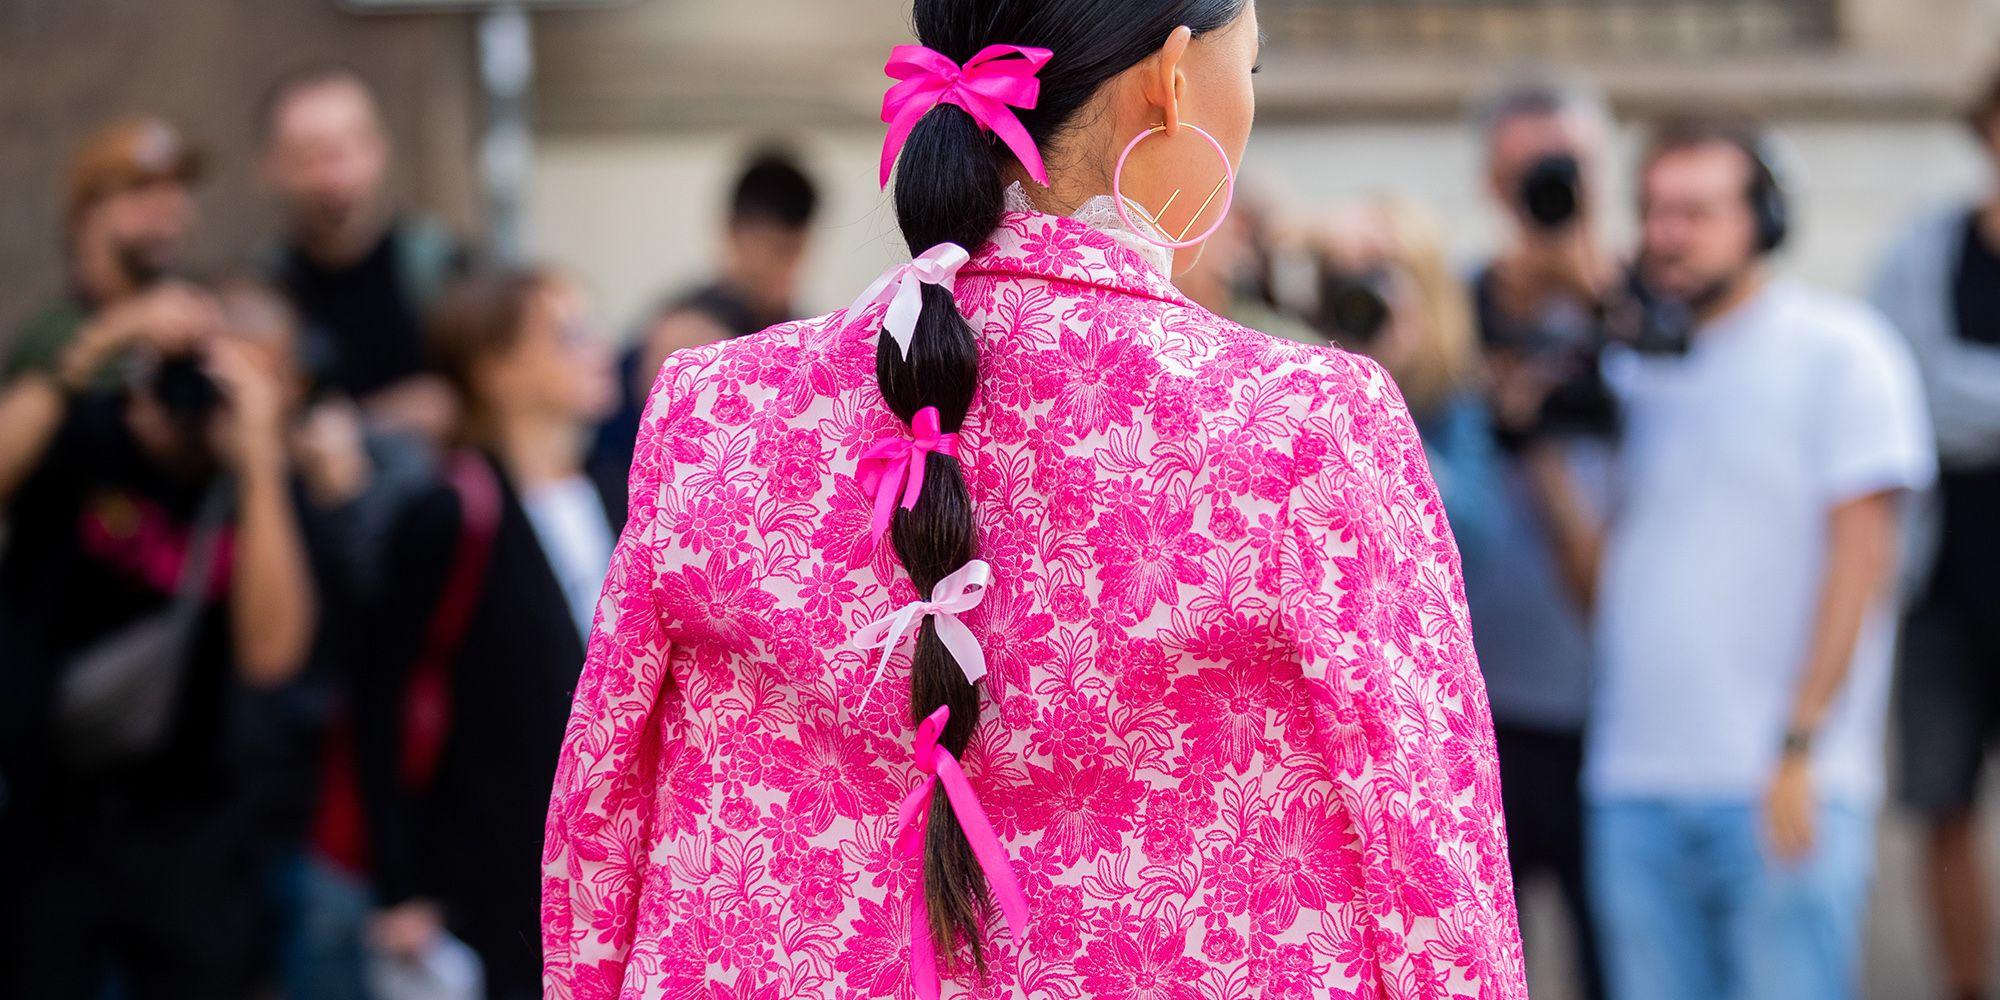 Come insegna Valentina Ferragni, sarà il fiocco per capelli nero l'accessorio irrinunciabile della primavera 2021